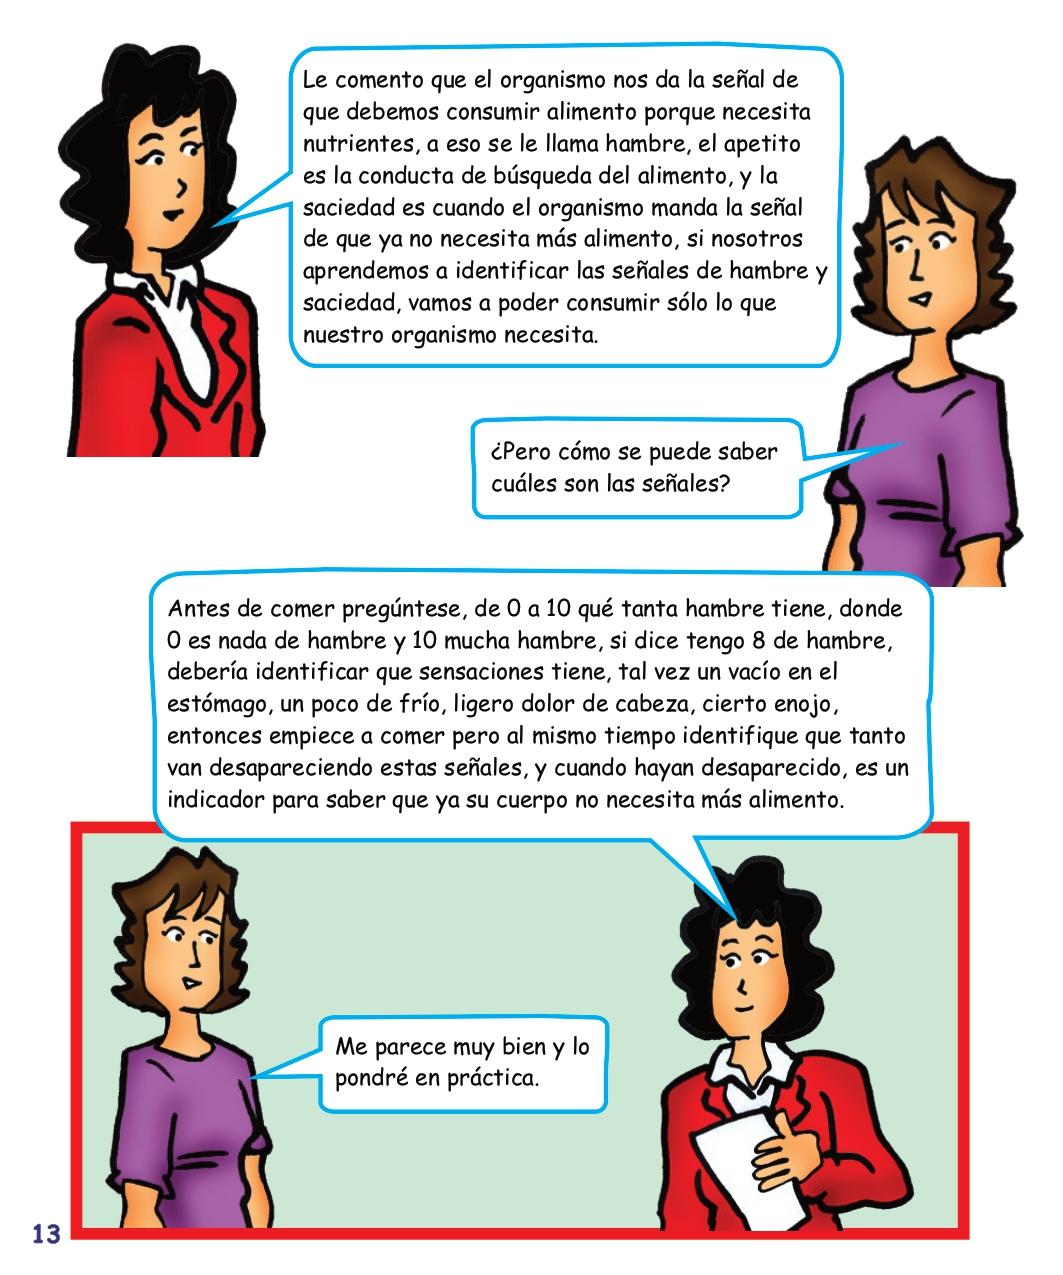 Psicología padres Reyhan cap1_1 digital_page-0016